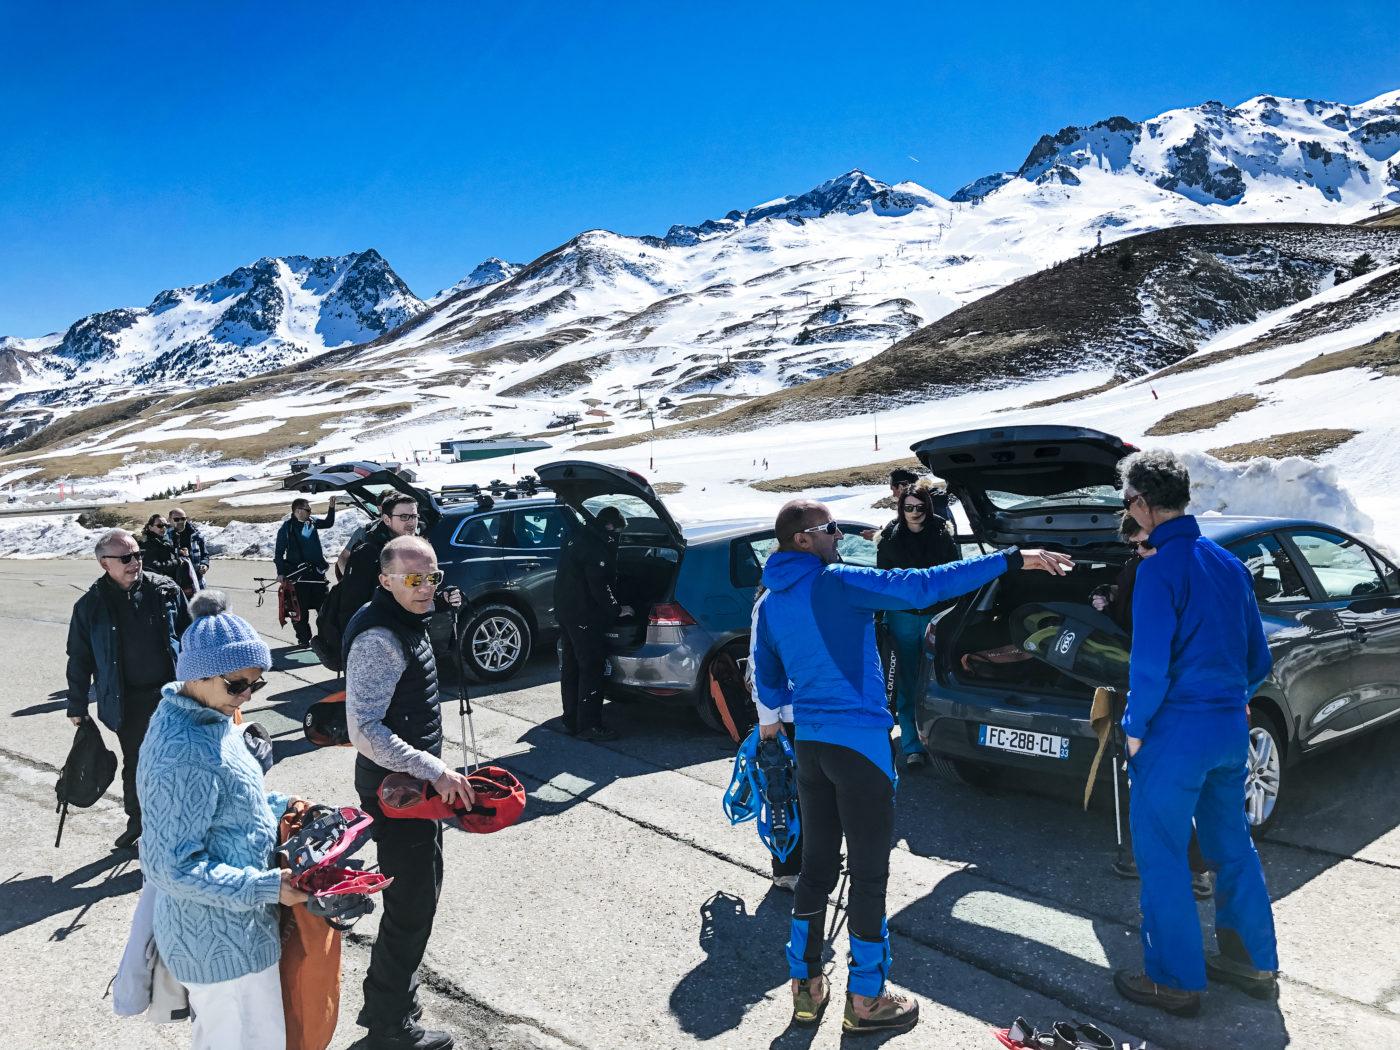 agence événementielle réceptive voyage pays basque erronda séminaire team building saint jean de luz formigal montagne raquettes portalet